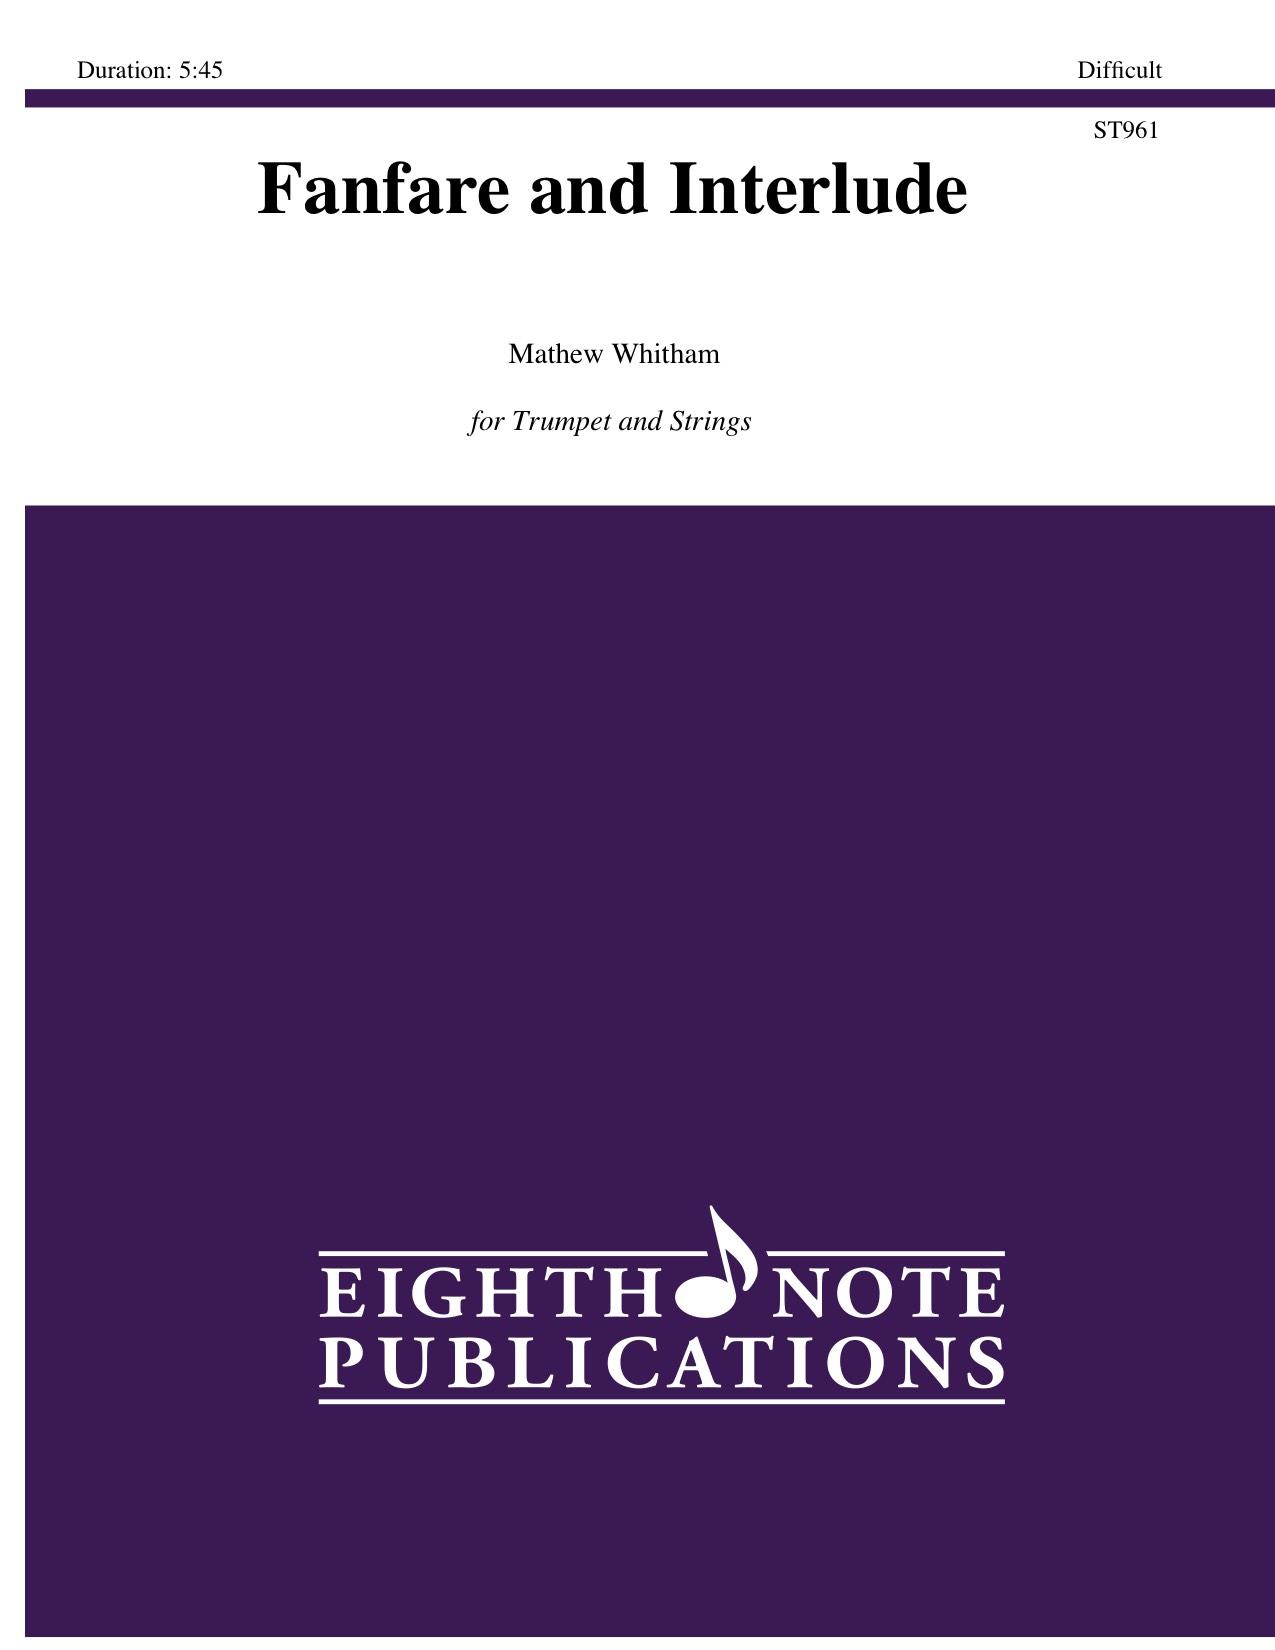 ファンファーレと間奏曲(Mathew Whitham)(トランペット+弦楽四重奏)【Fanfare and Interlude】